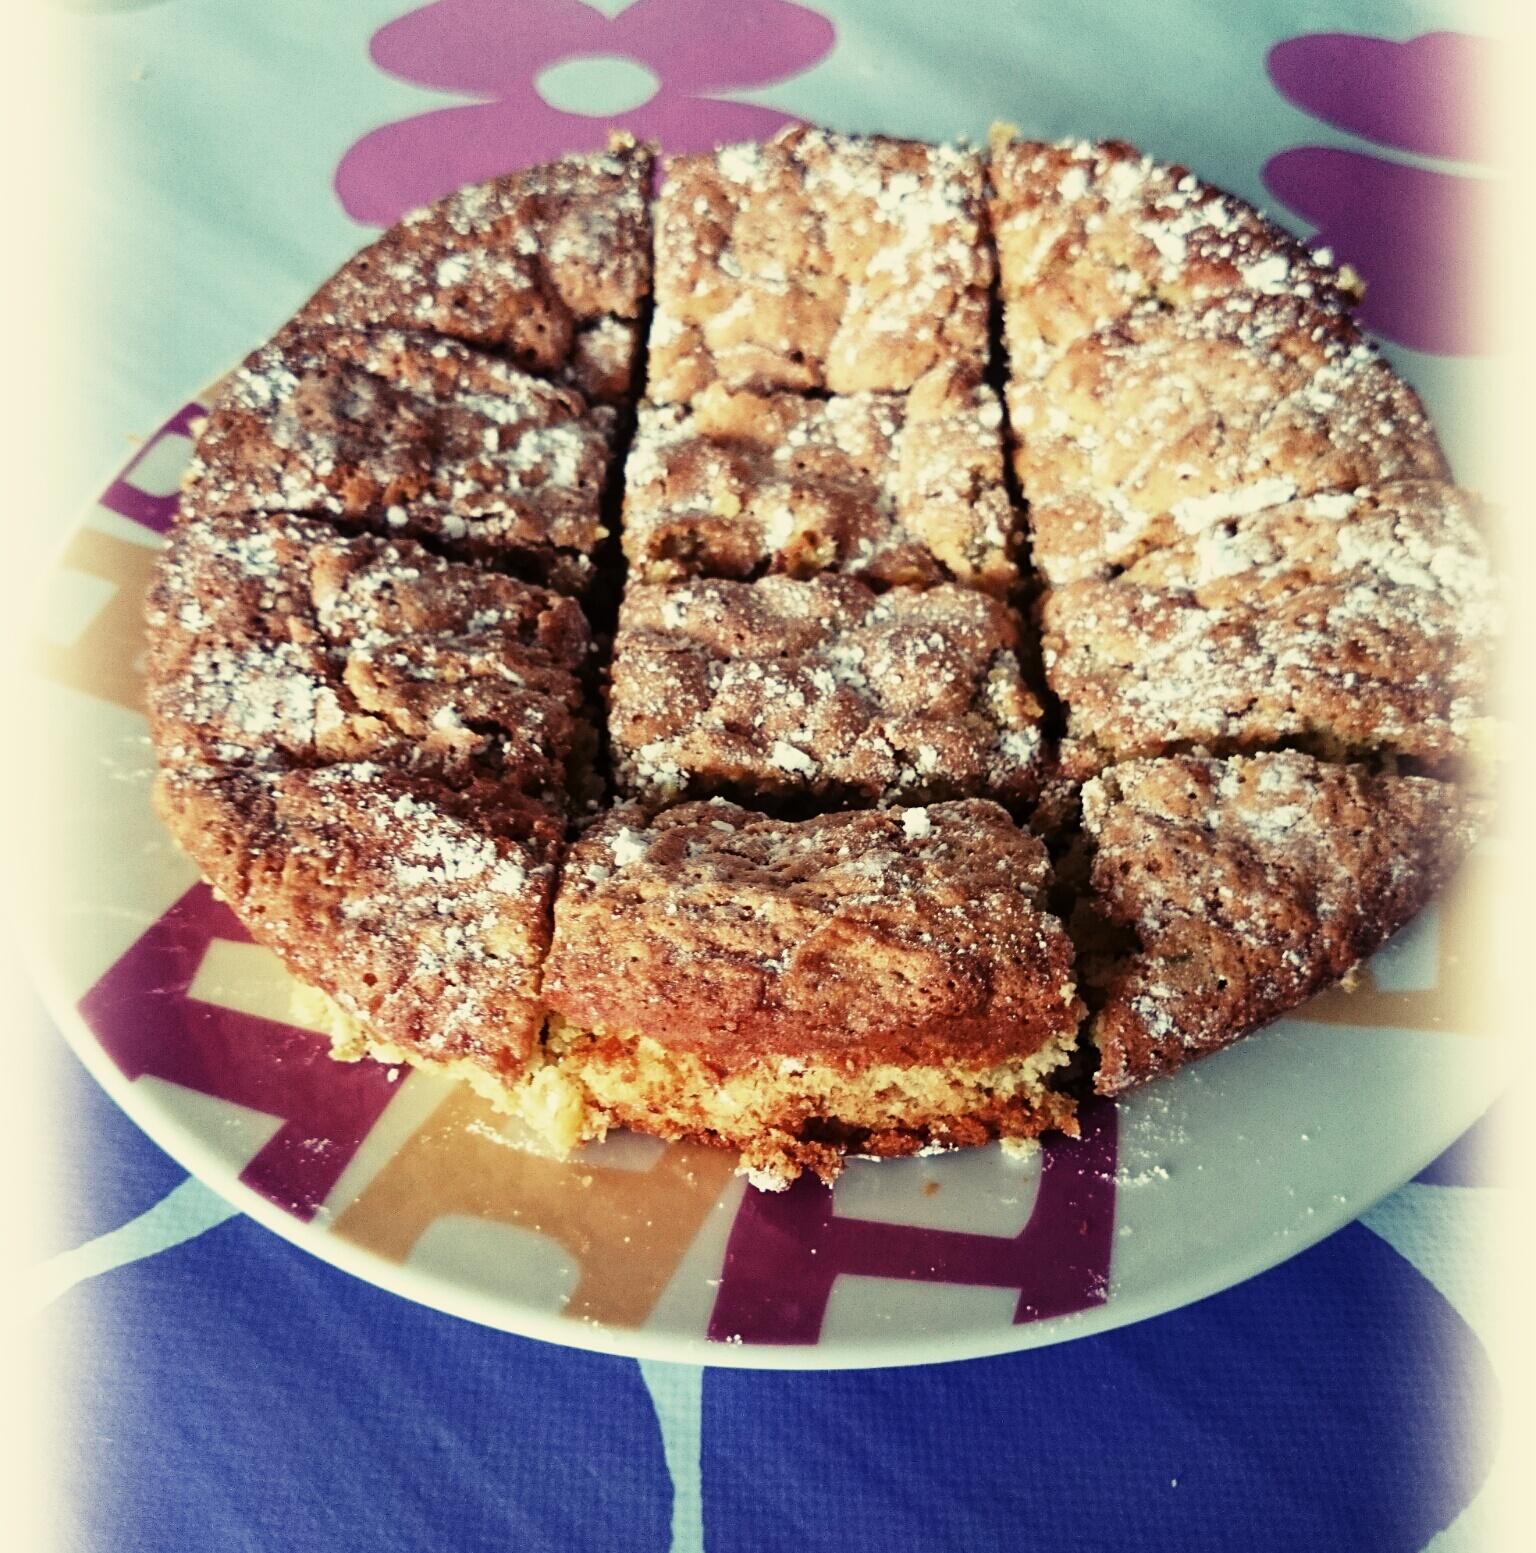 Brownie de chocolate blanco y pistachos...fácil y rápido con Thermomix®